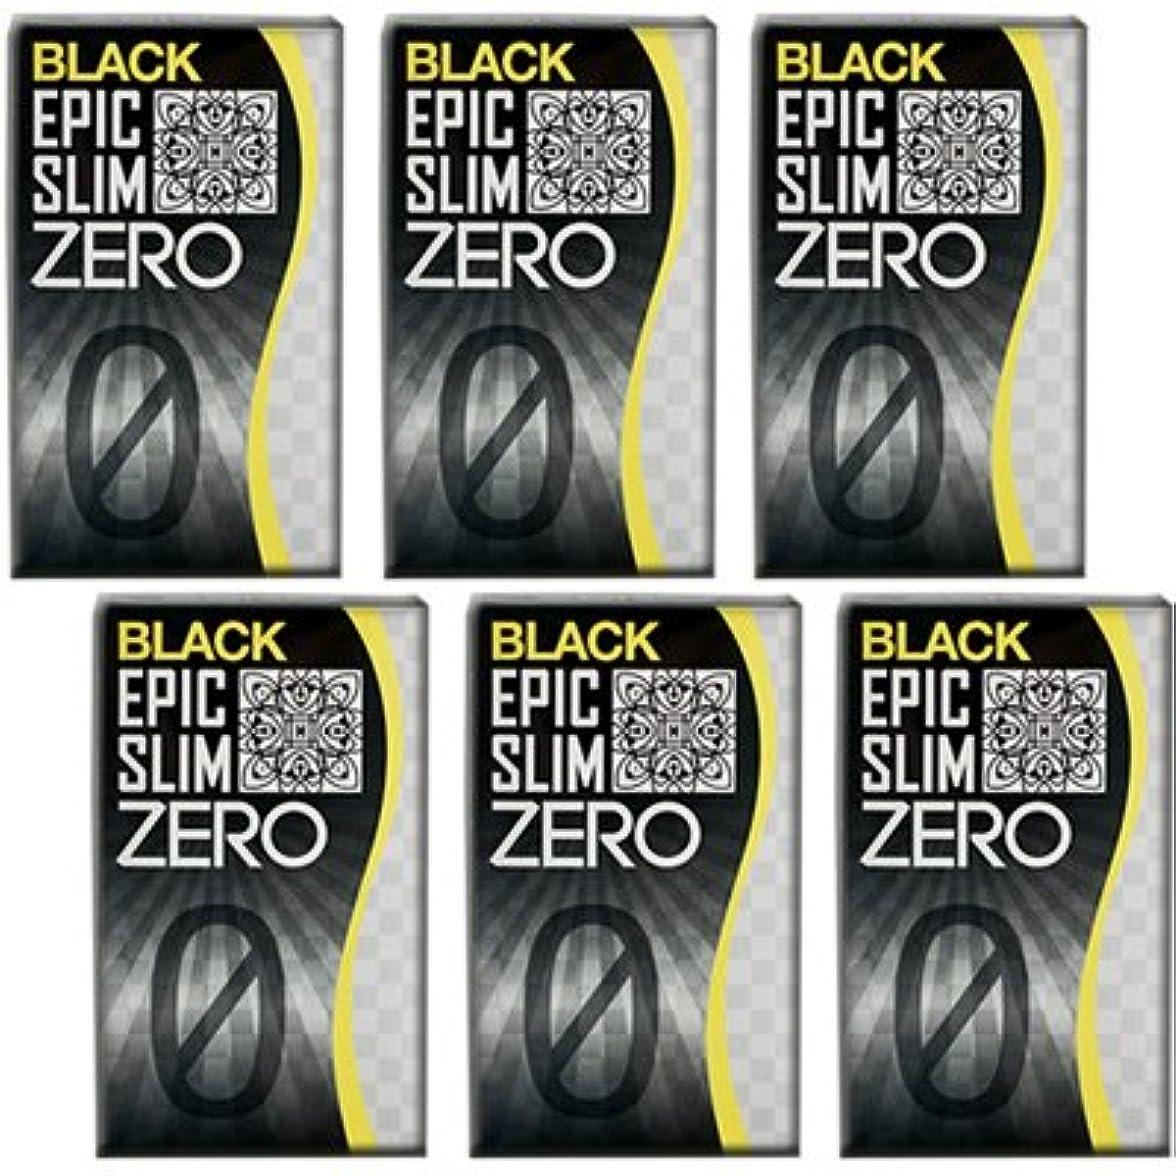 アピール変色する素敵なブラック エピックスリム ゼロ ブラック 6個セット!  Epic Slim ZERO BLACK ×6個